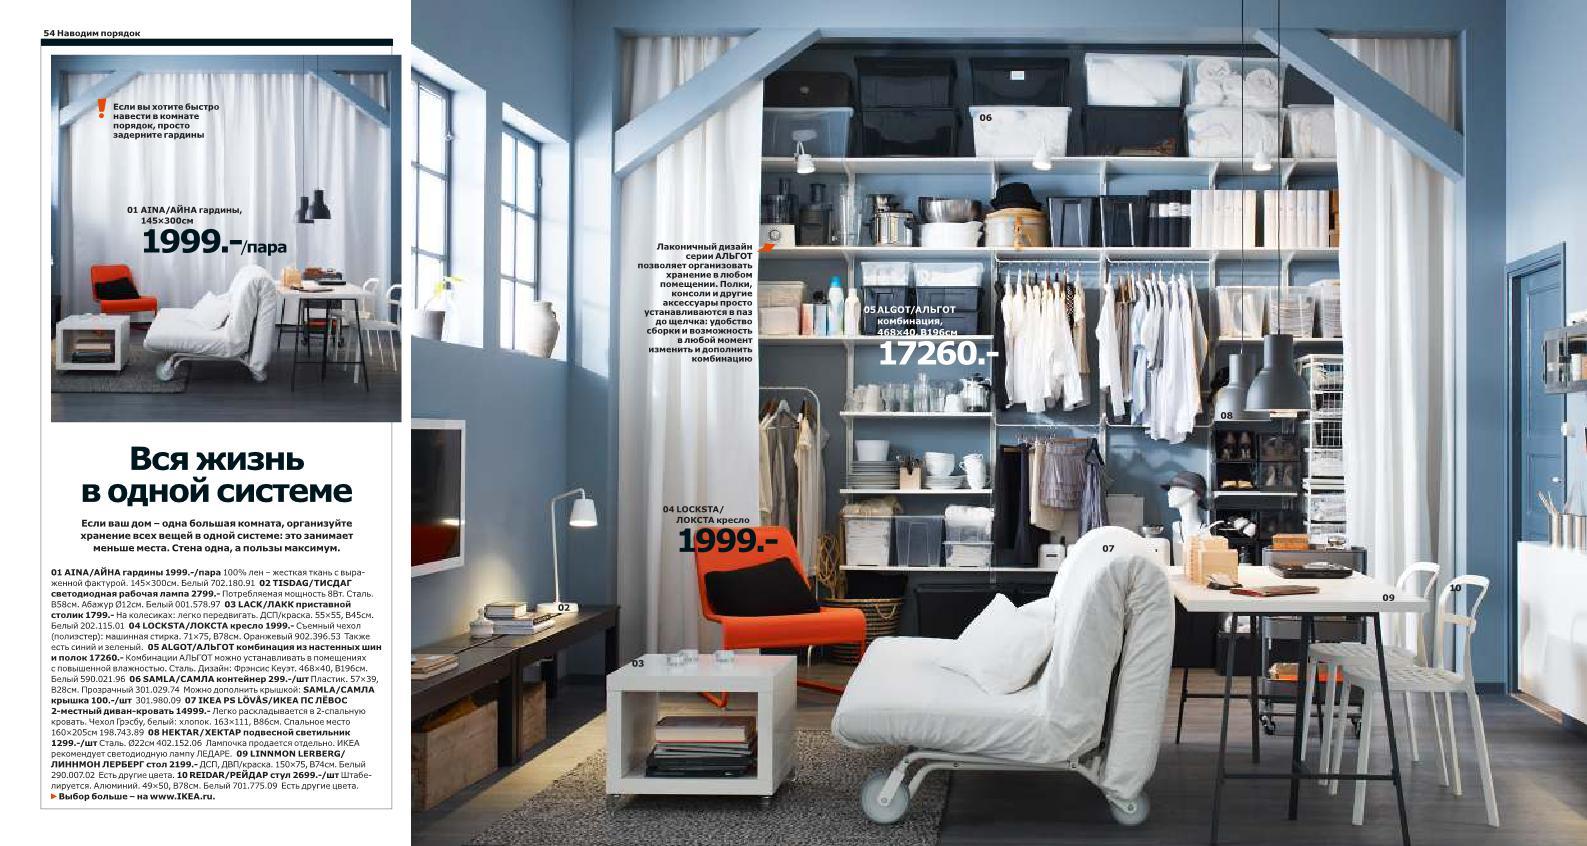 Скачать каталог IKEA 2014